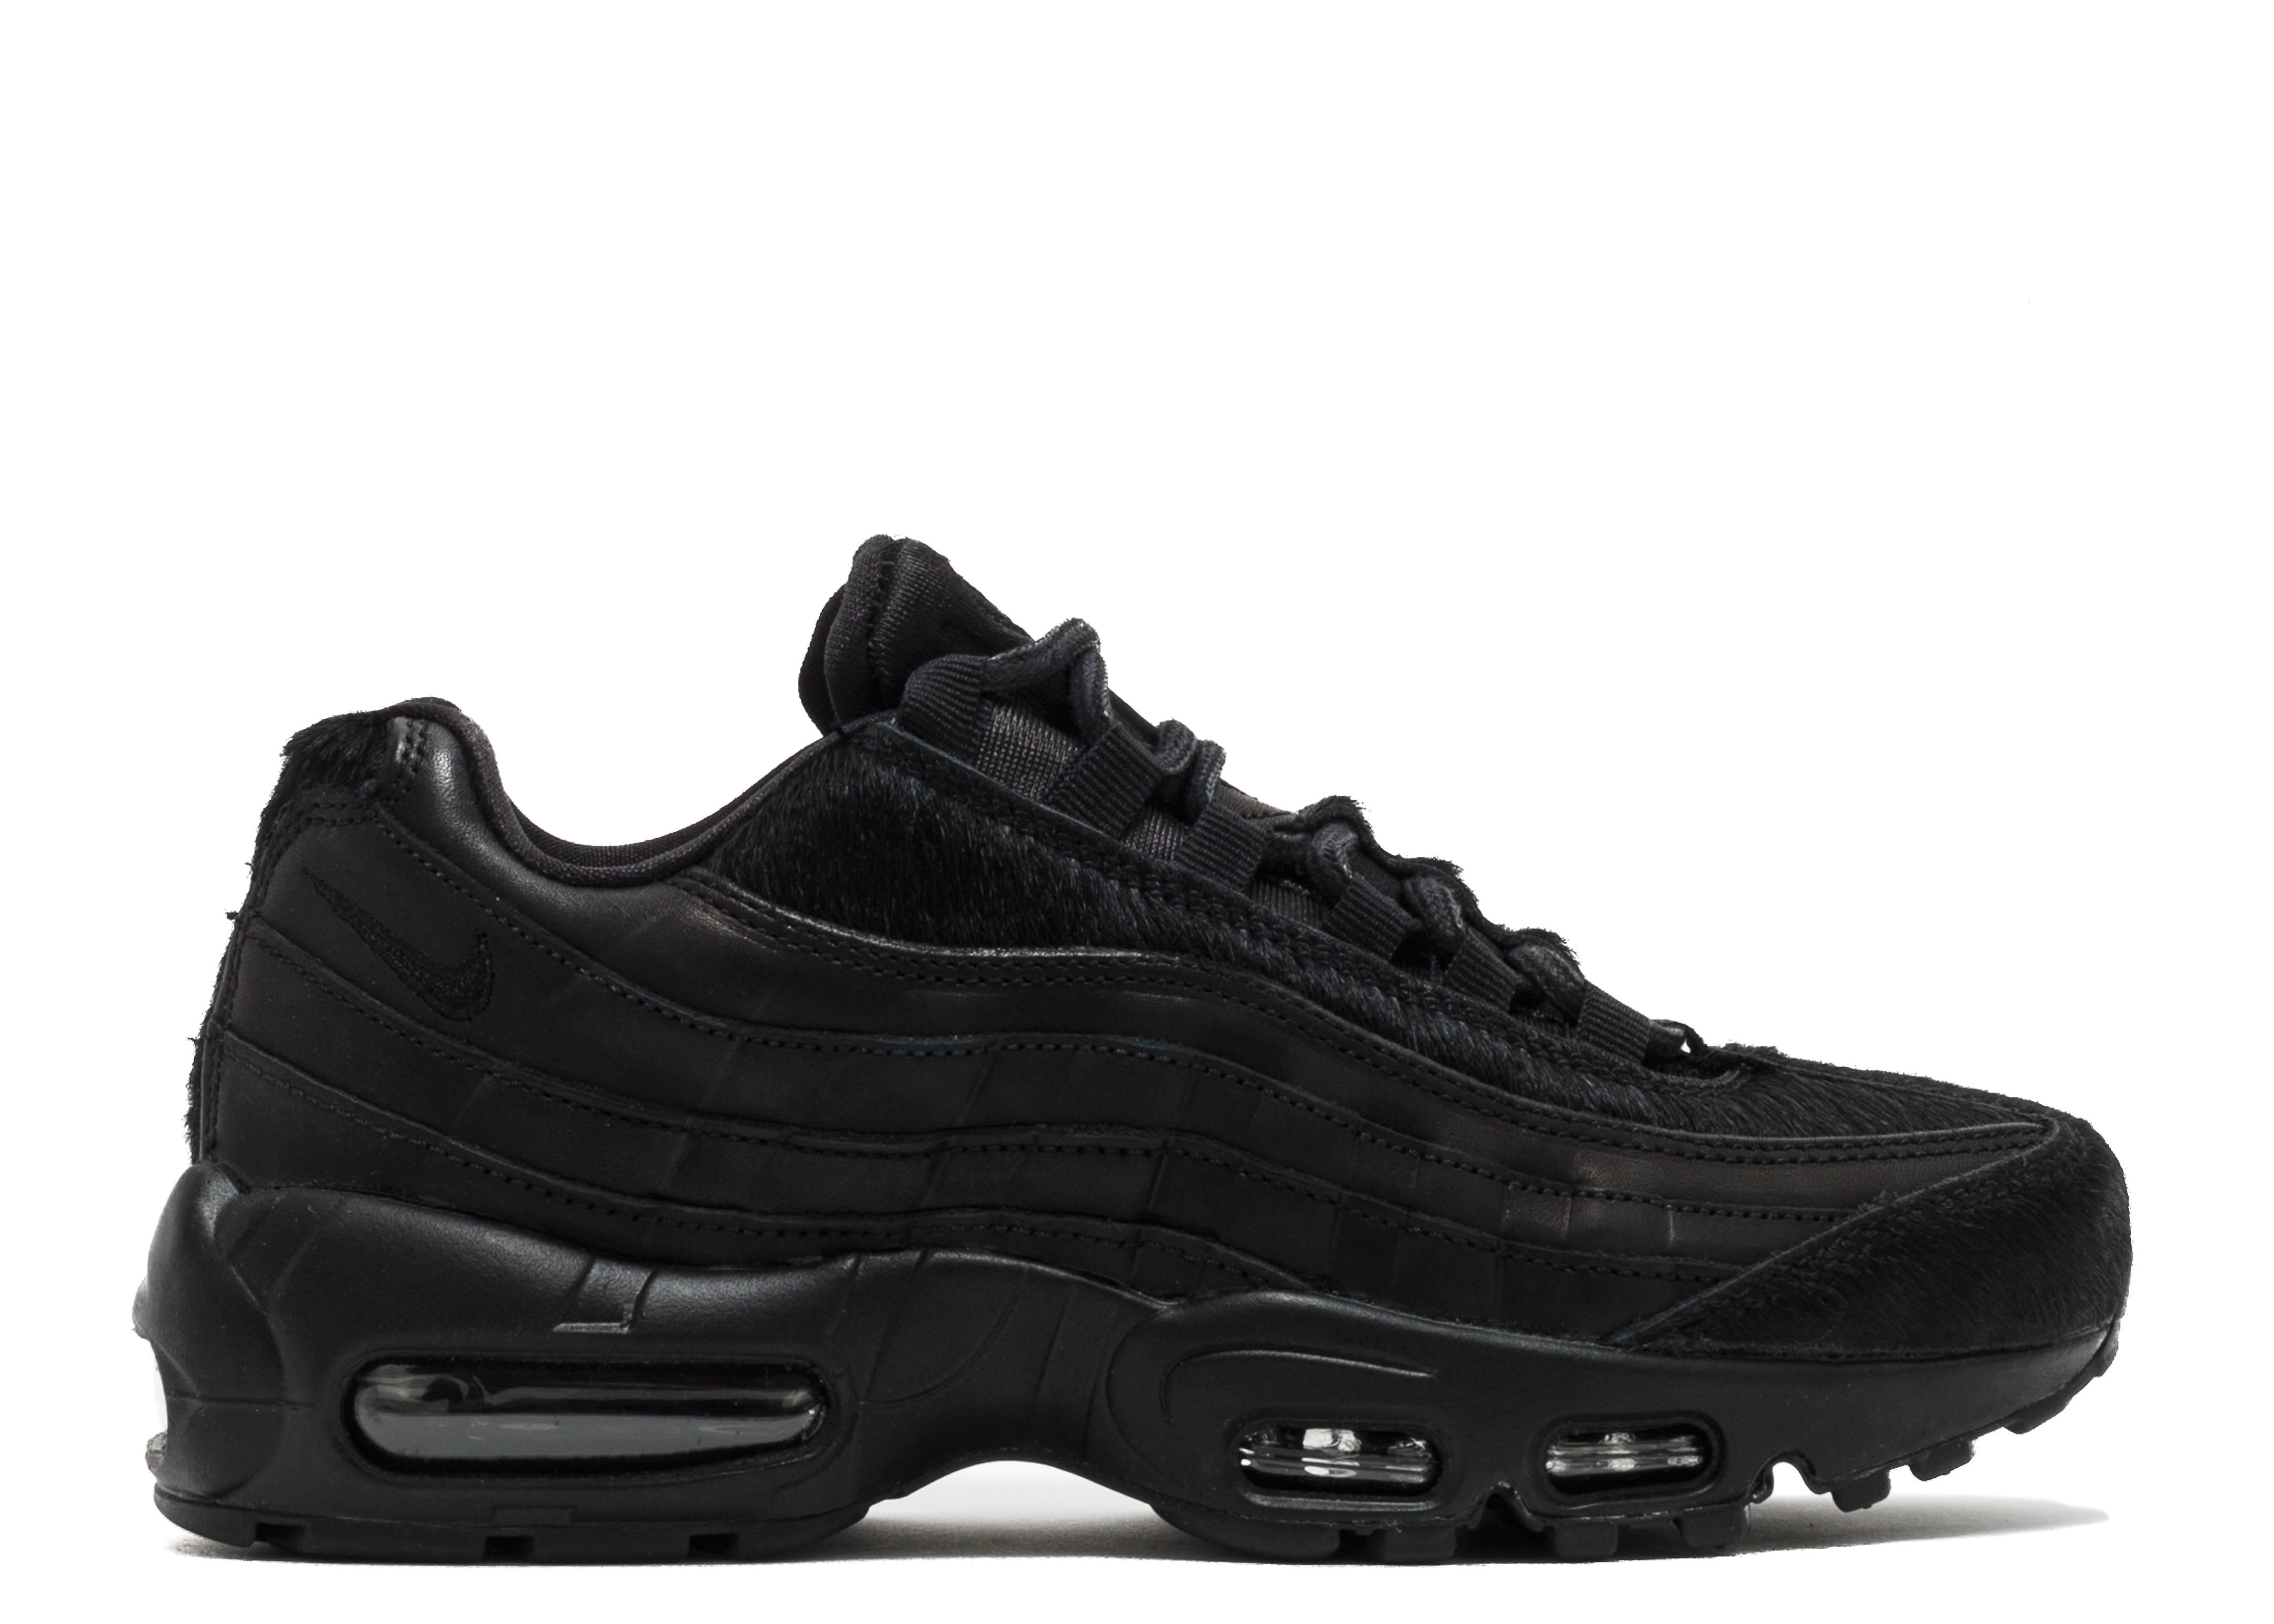 135351b091 Air Max 95 - Nike - 807443 004 - black/black-summit white   Flight Club